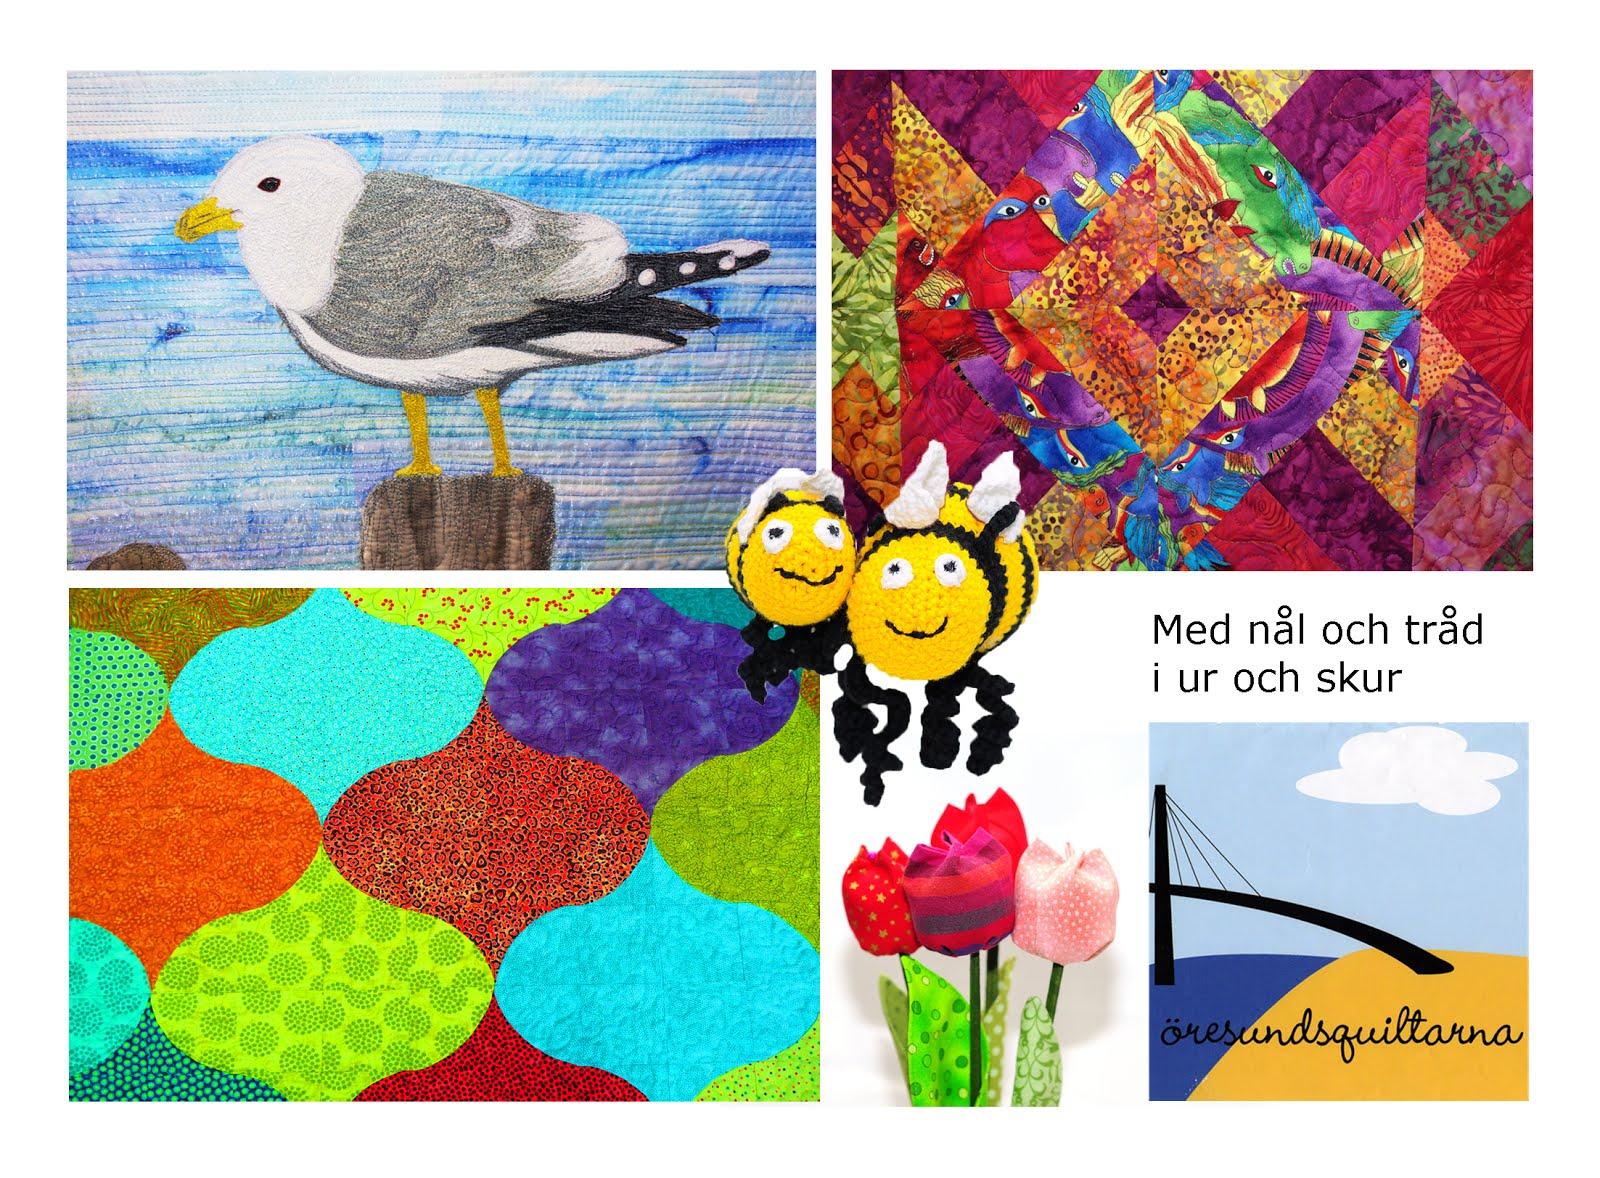 Textil konst - lapptäcken - butiker mm